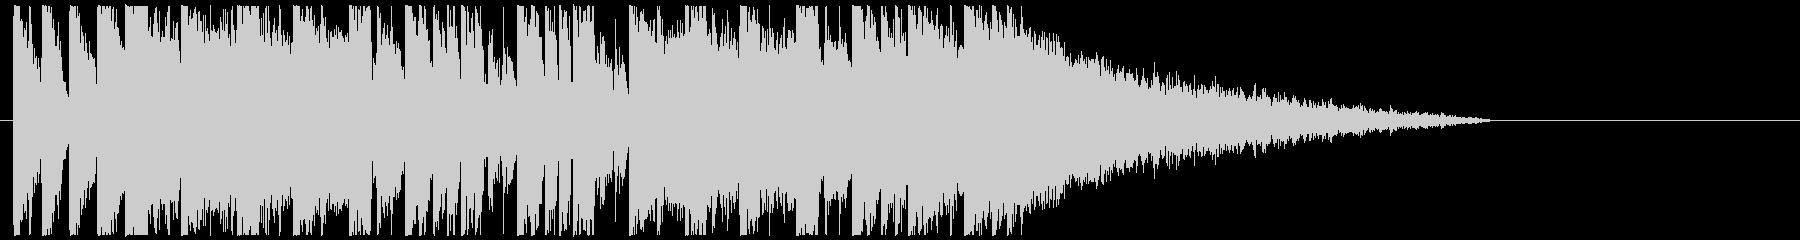 DUBSTEP EDM COOL の未再生の波形